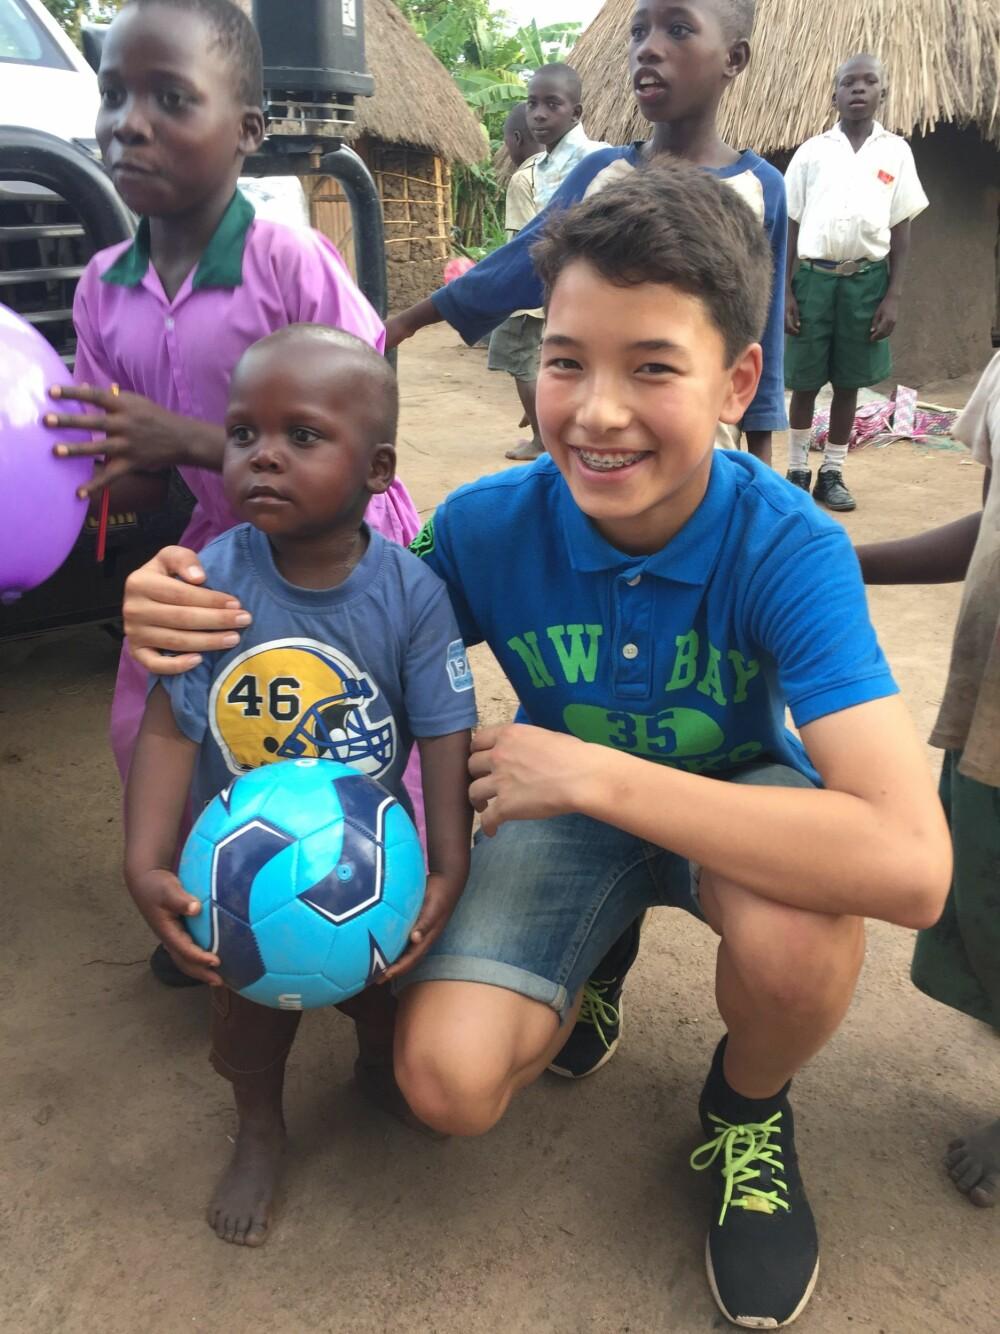 STORE FORSKJELLER: Erlend Fredheim besøkte Uganda og fikk se hvor ulikt livet hans i Norge er fra det skolebarna der lever hver dag.